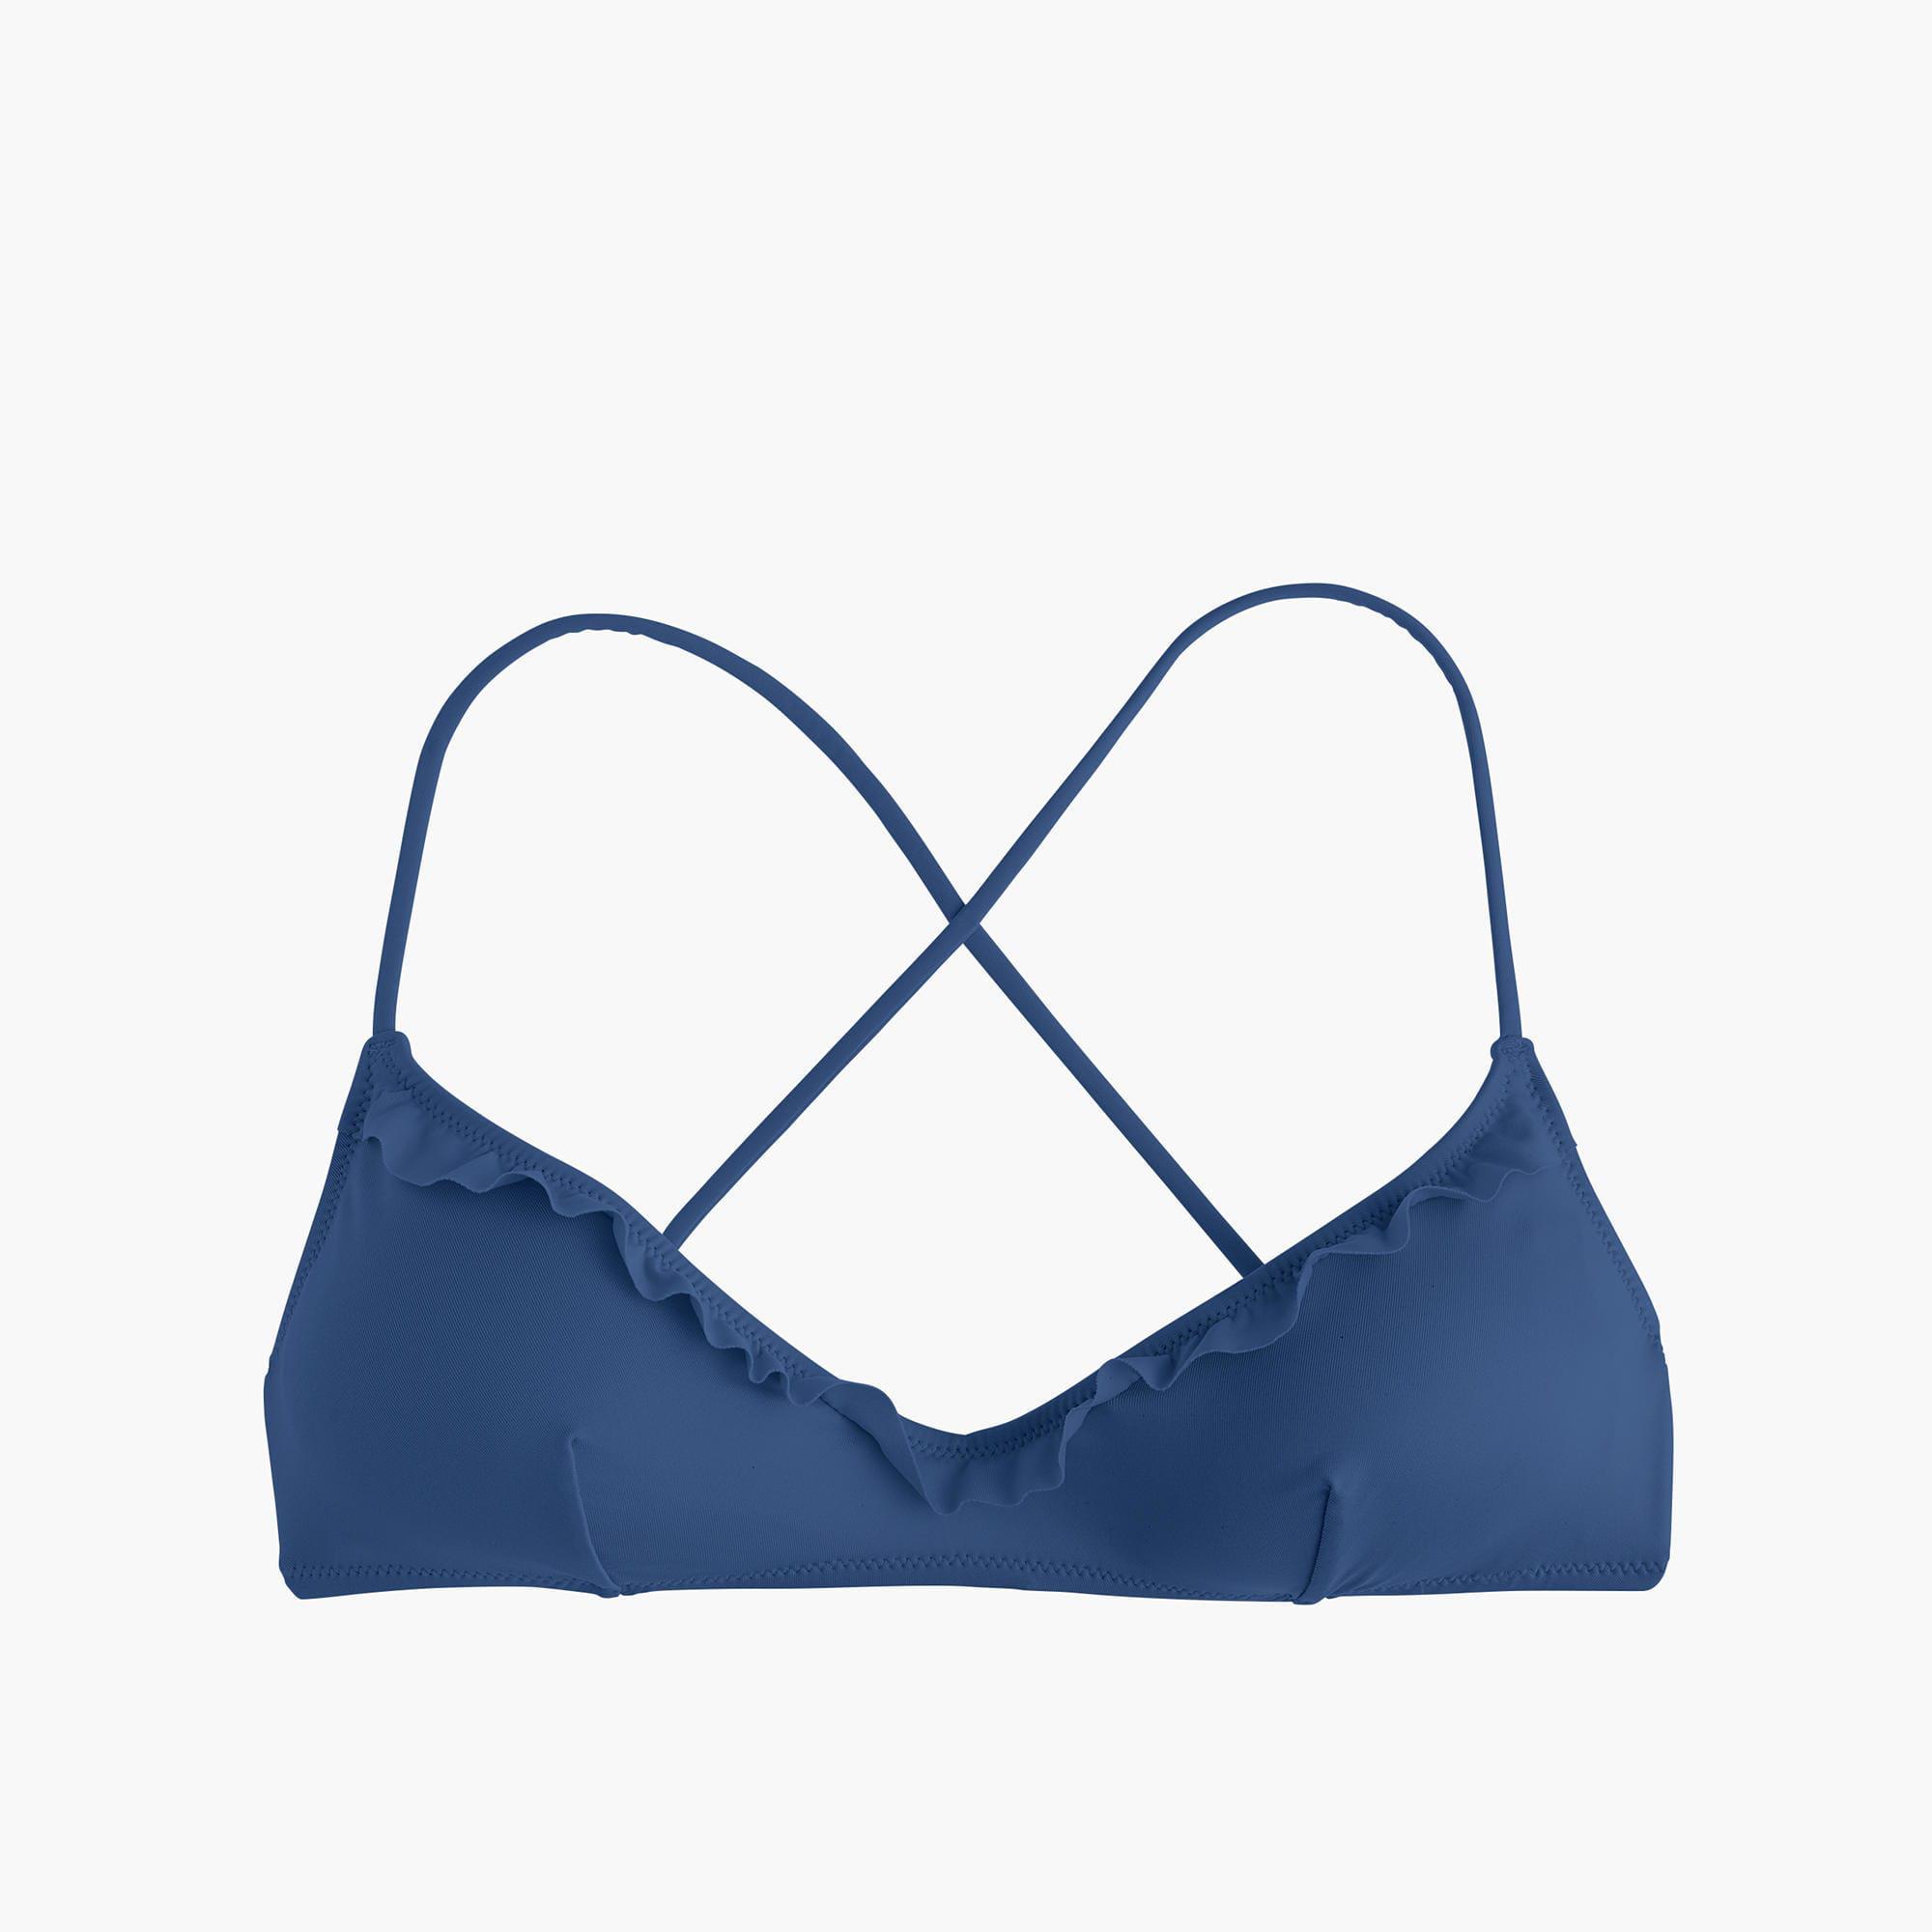 aad72fcd53492 Lyst - J.Crew Playa Maui Ruffle Bikini Top in Blue